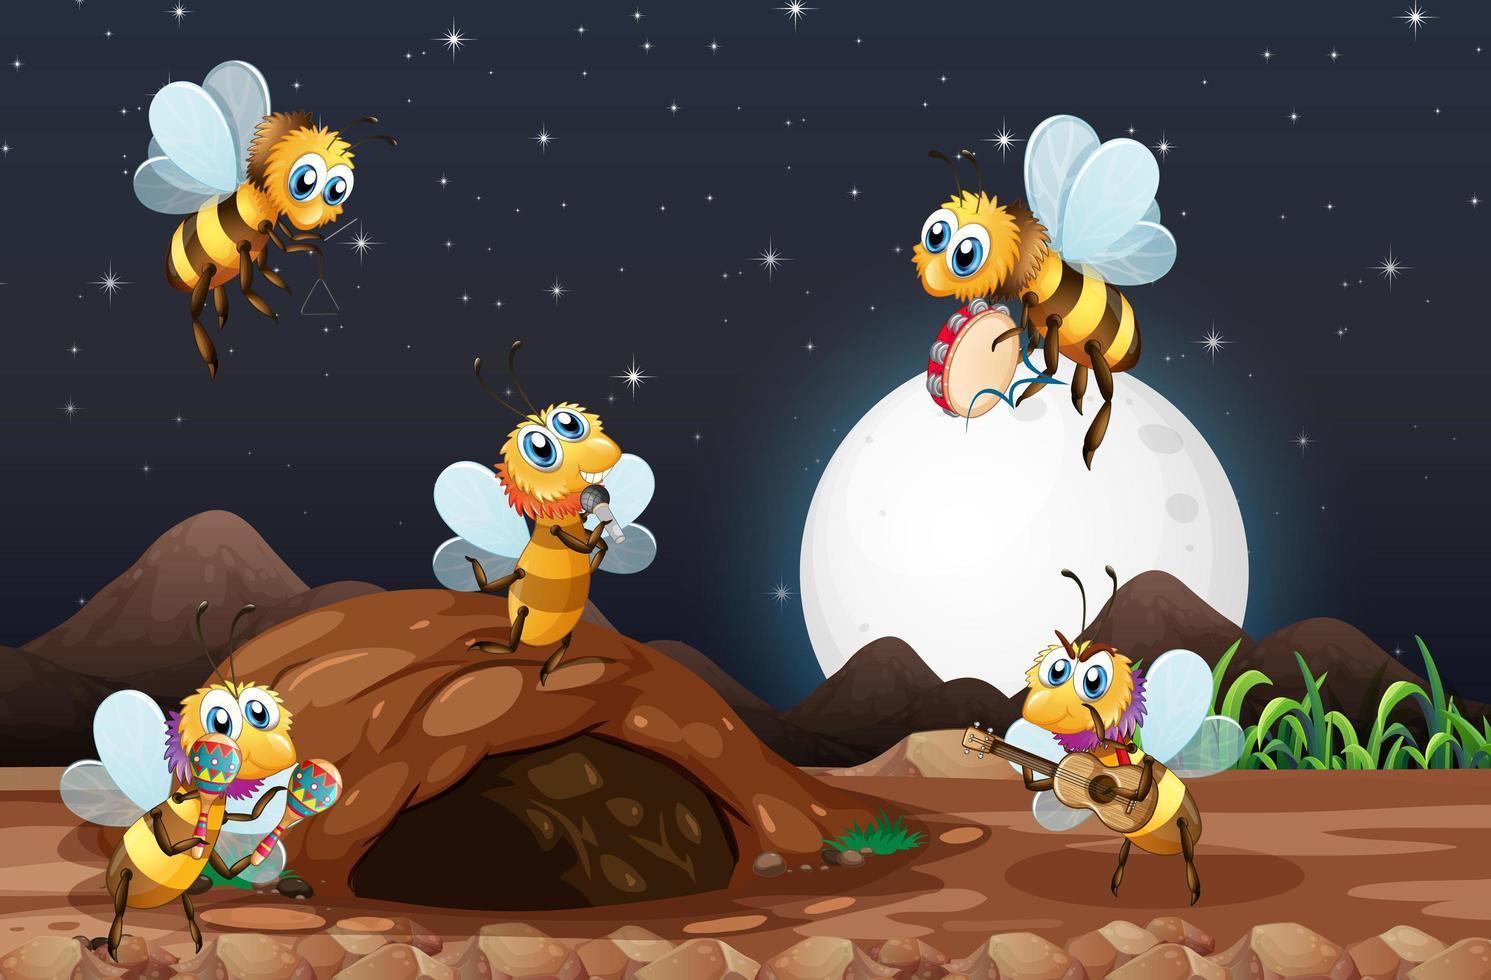 cena noturna com abelhas voando no jardim vetor